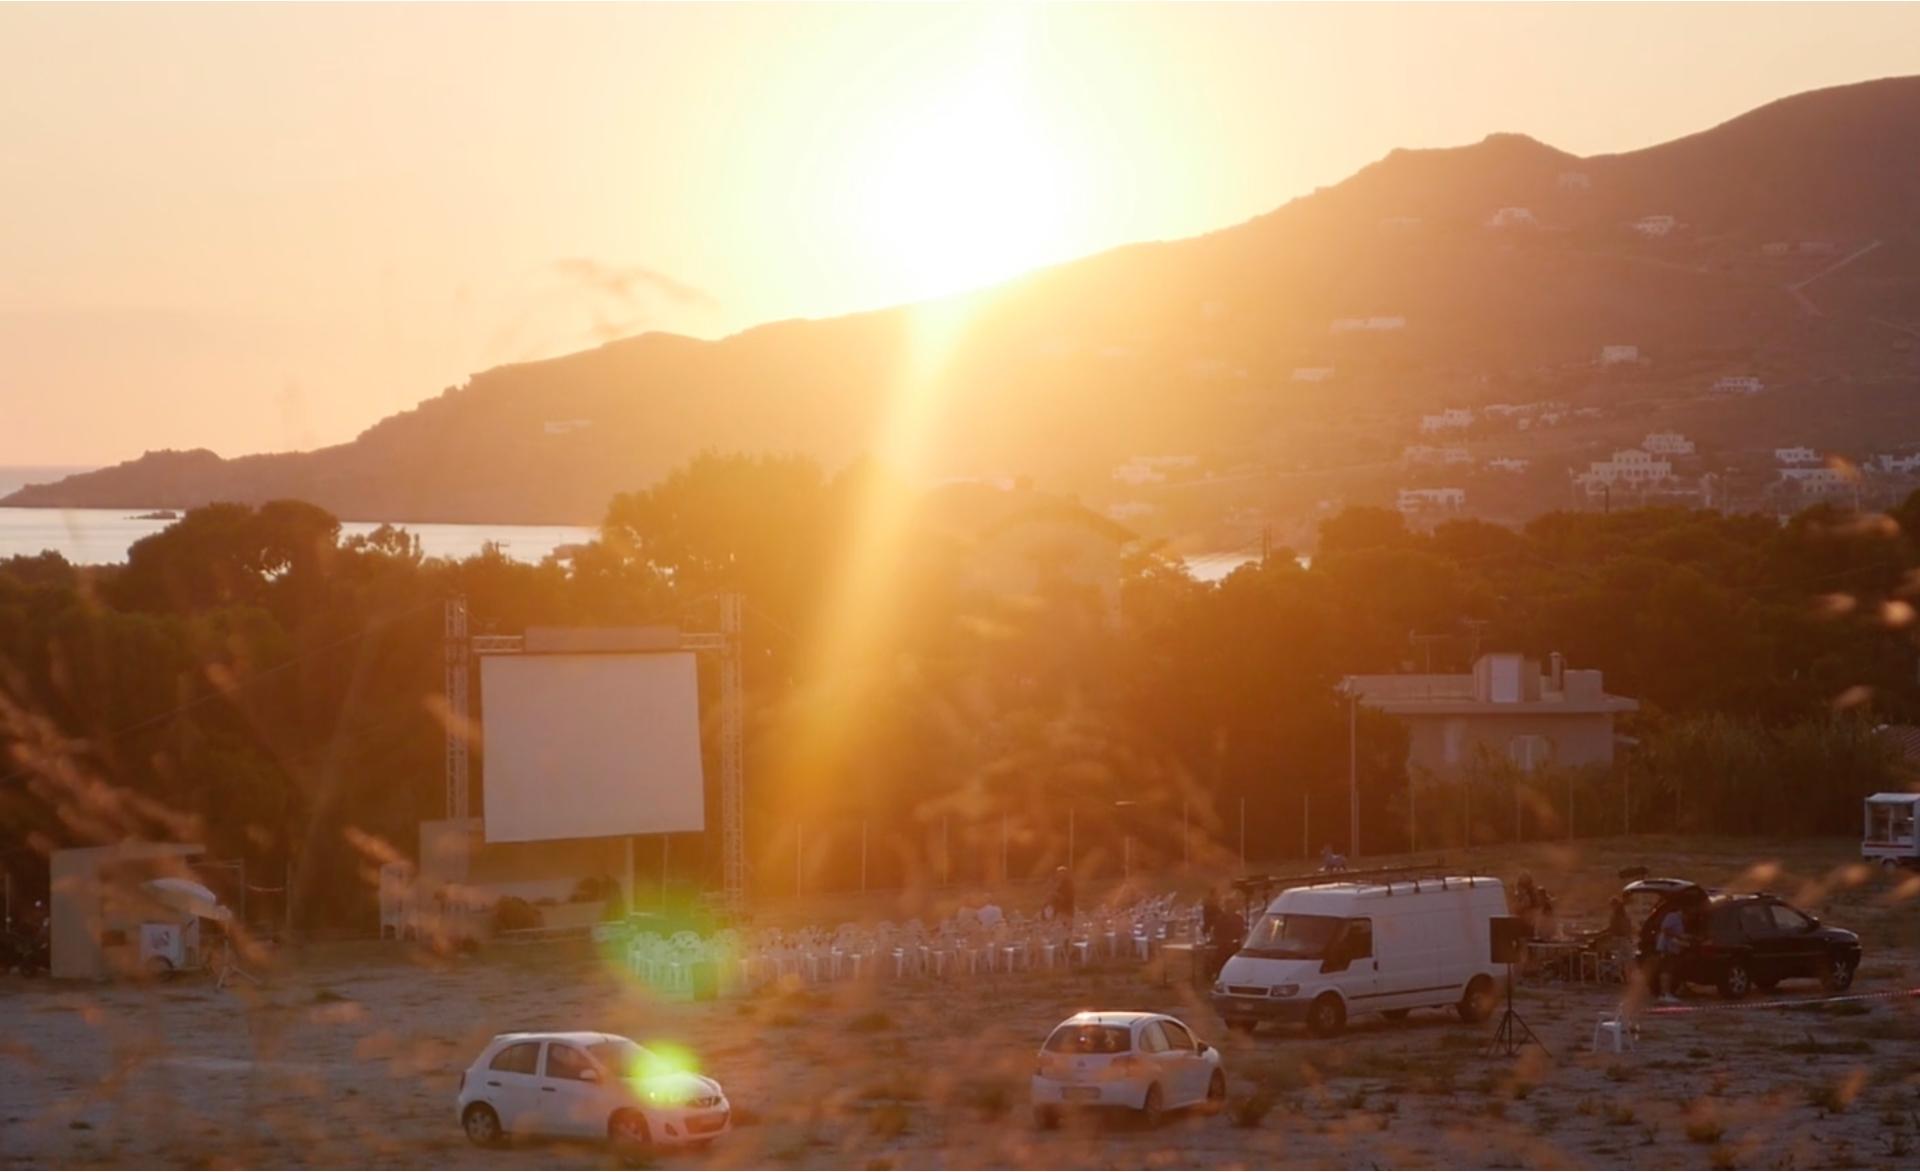 The Drive-In at Dellagrazia [Photo by Myrto Tzima]